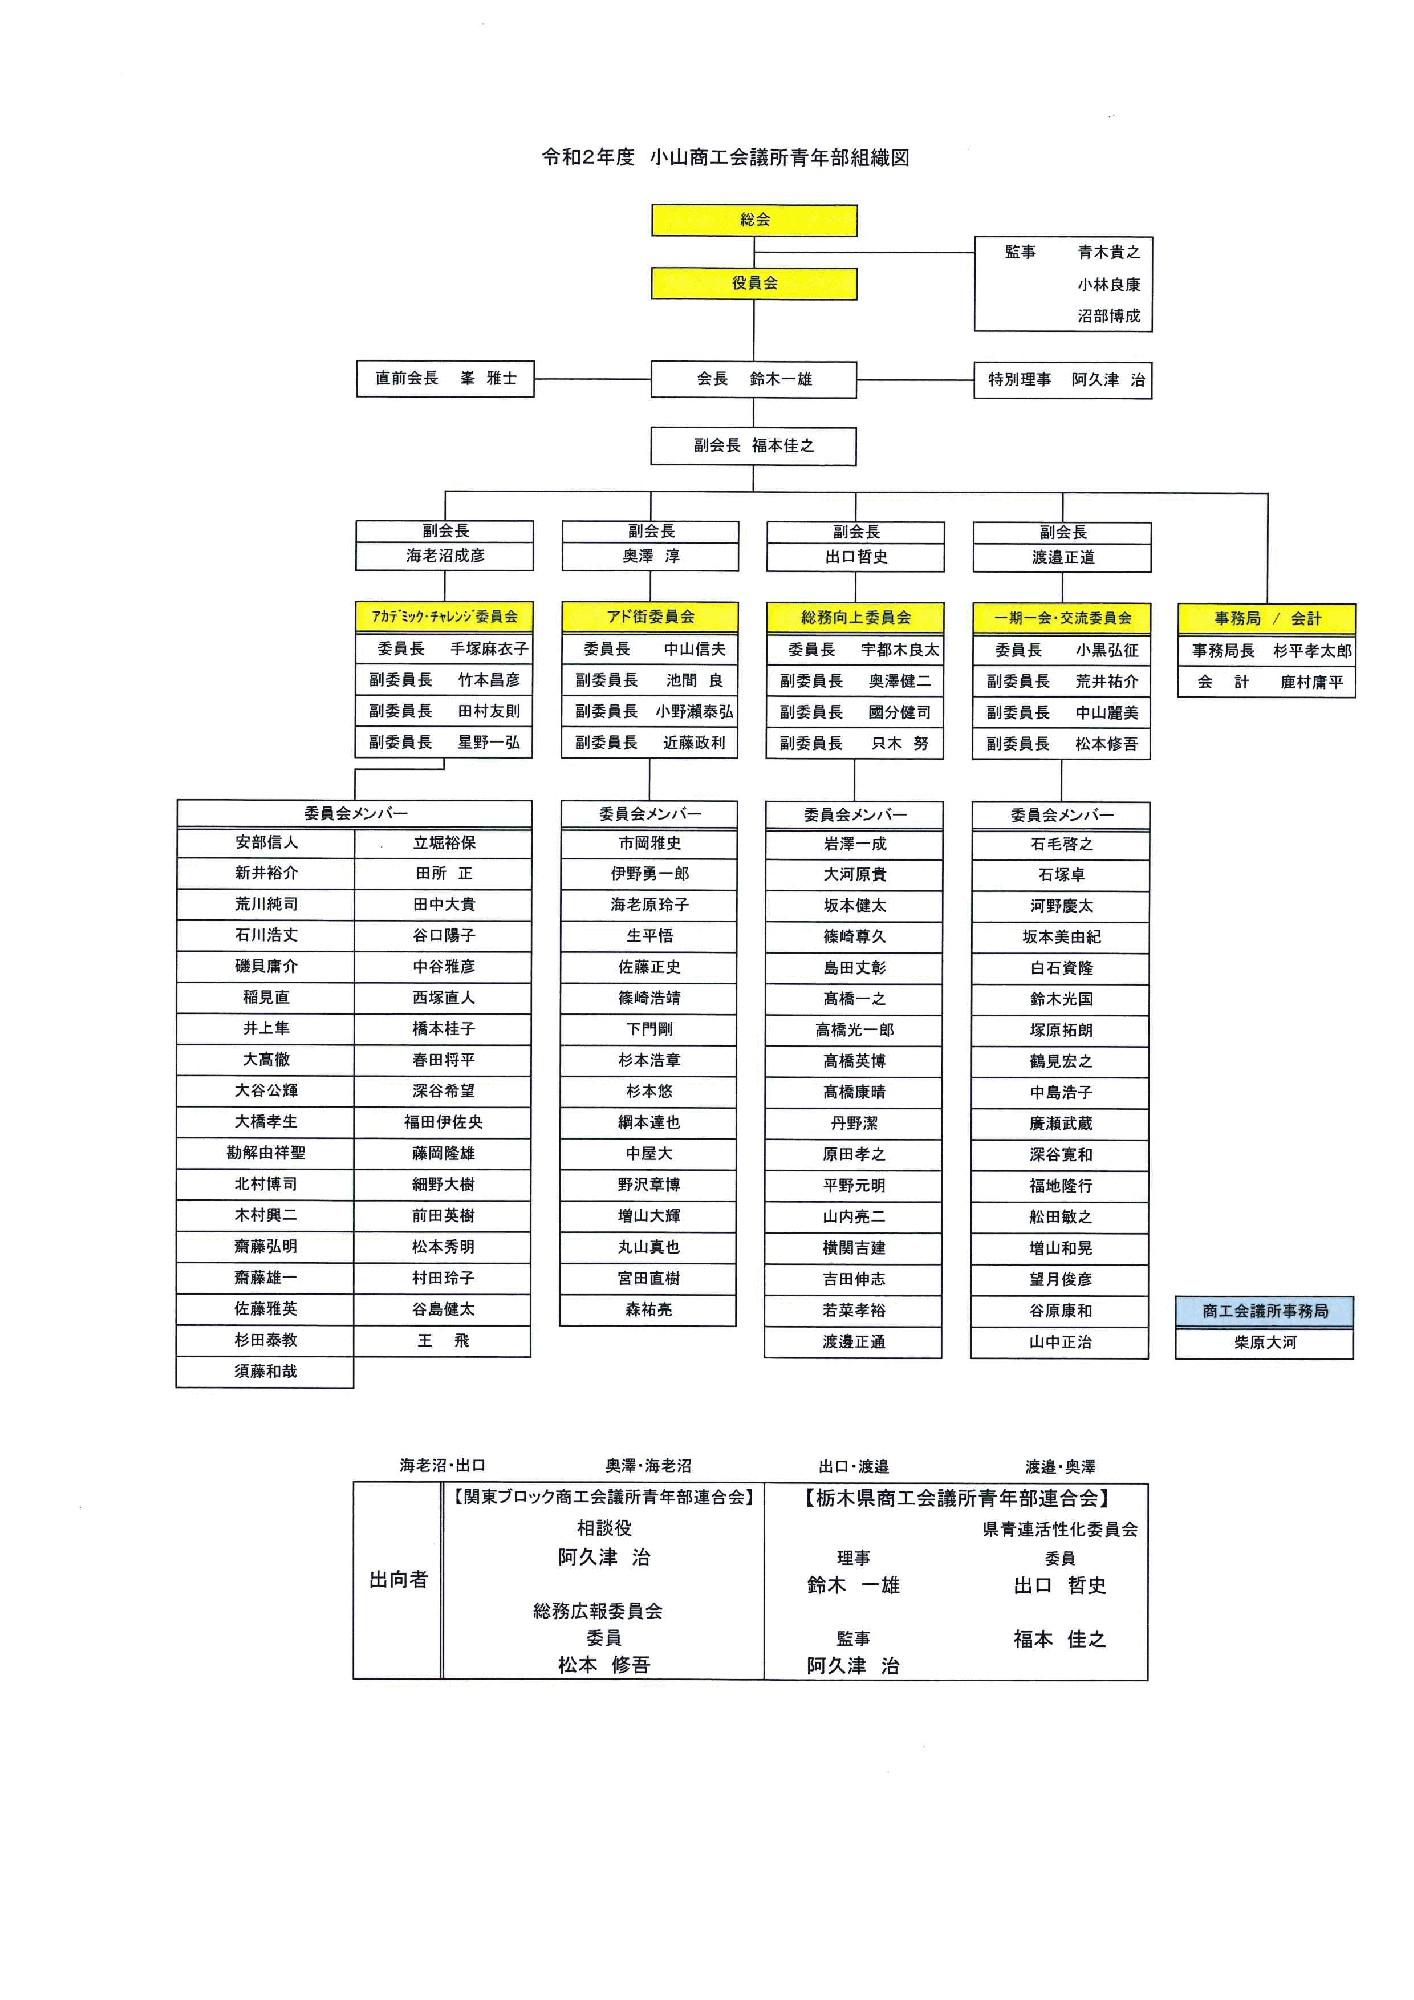 令和2年度小山YEG組織図